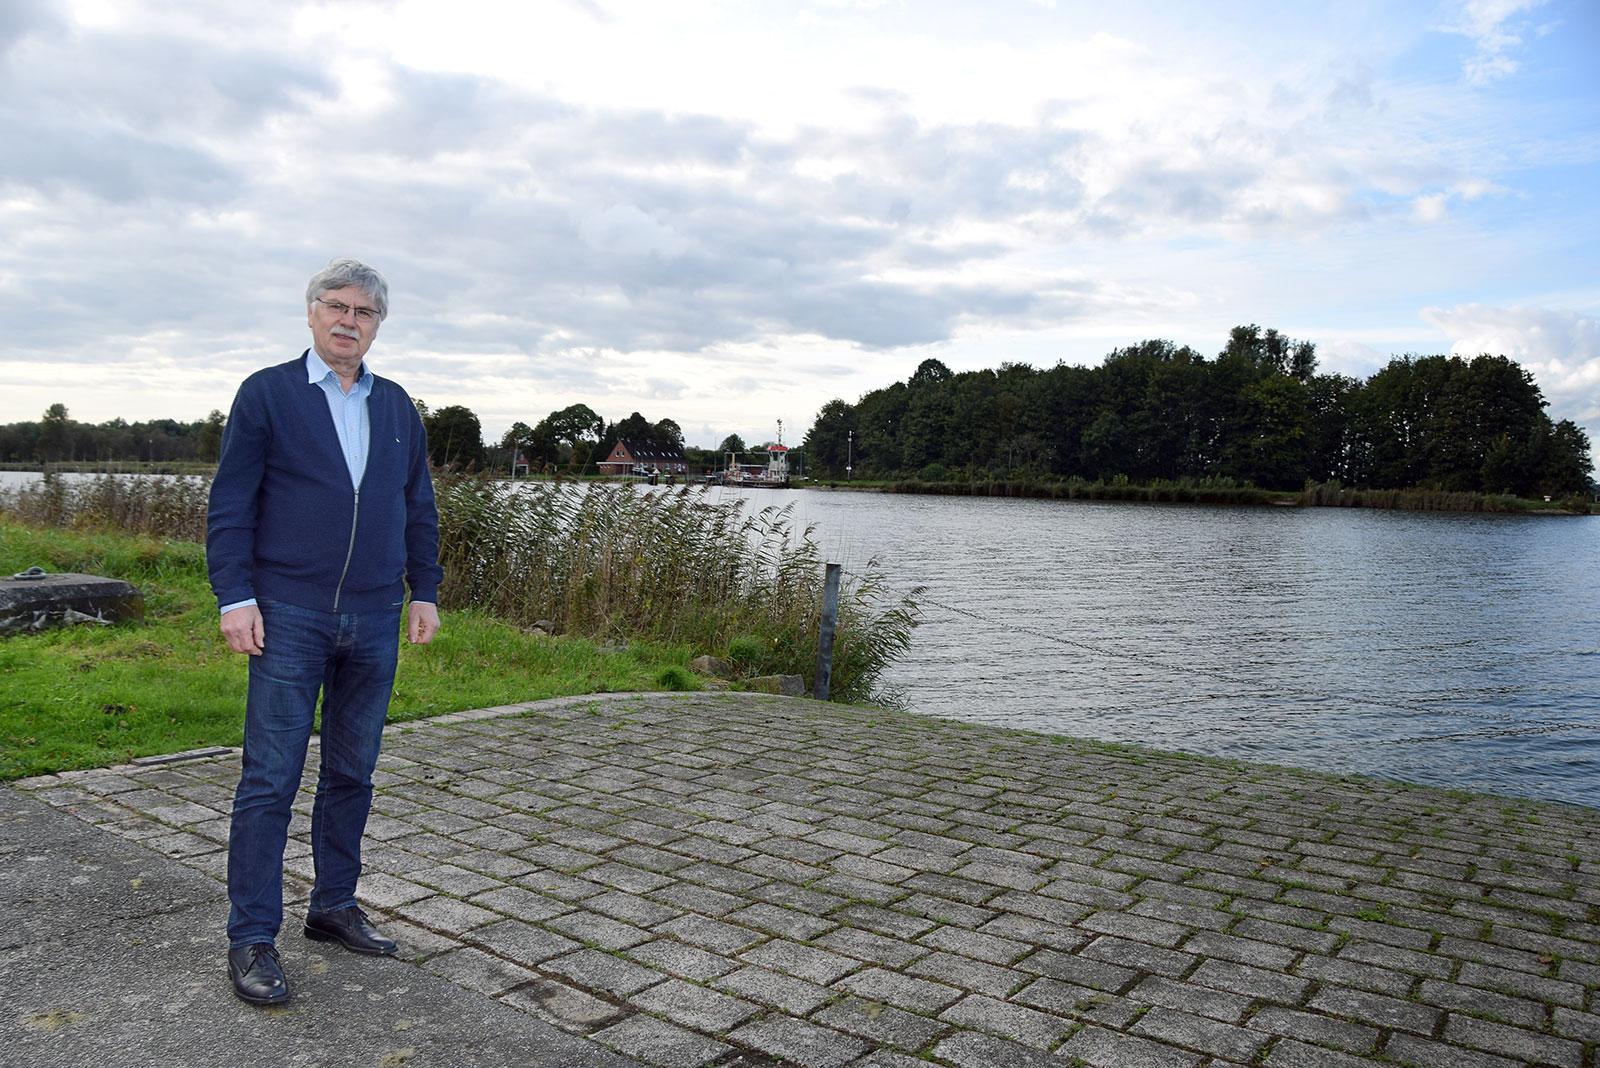 Harald Klotzbücher, Bürgermeister der Gemeinde Breiholz